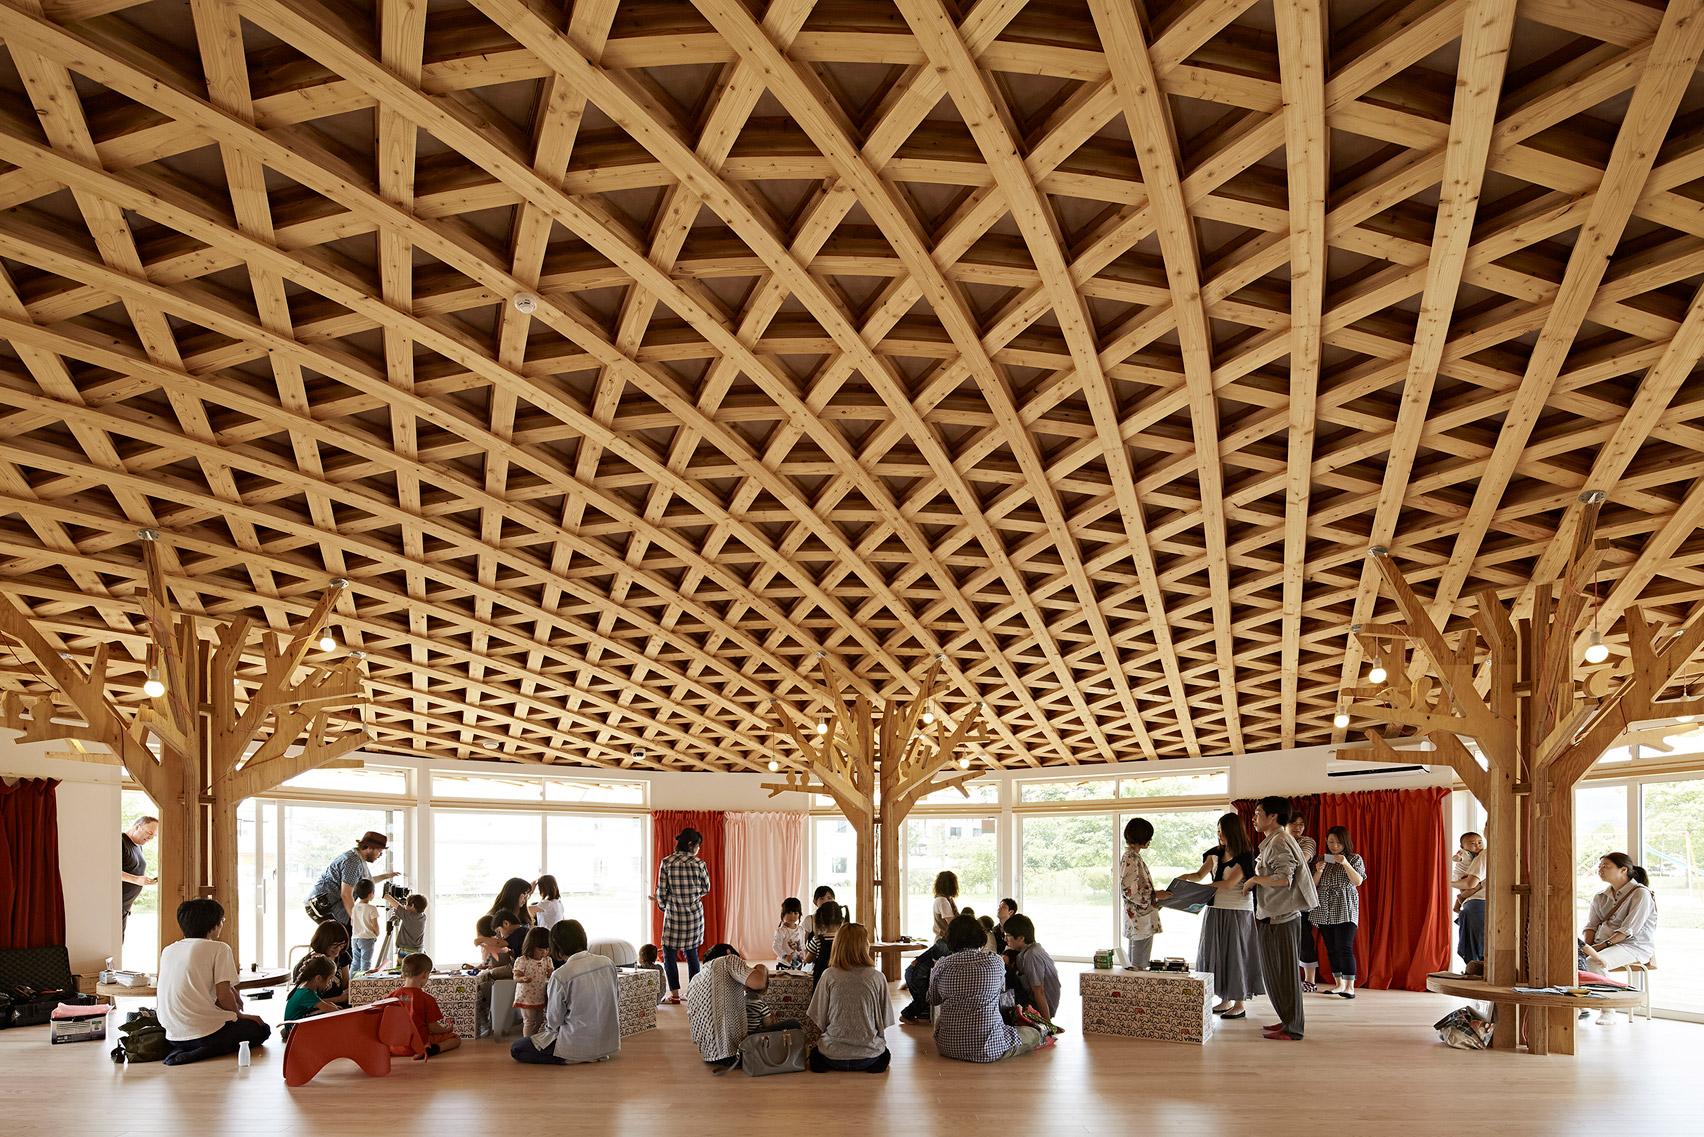 Klein Dytham Architecture community hall